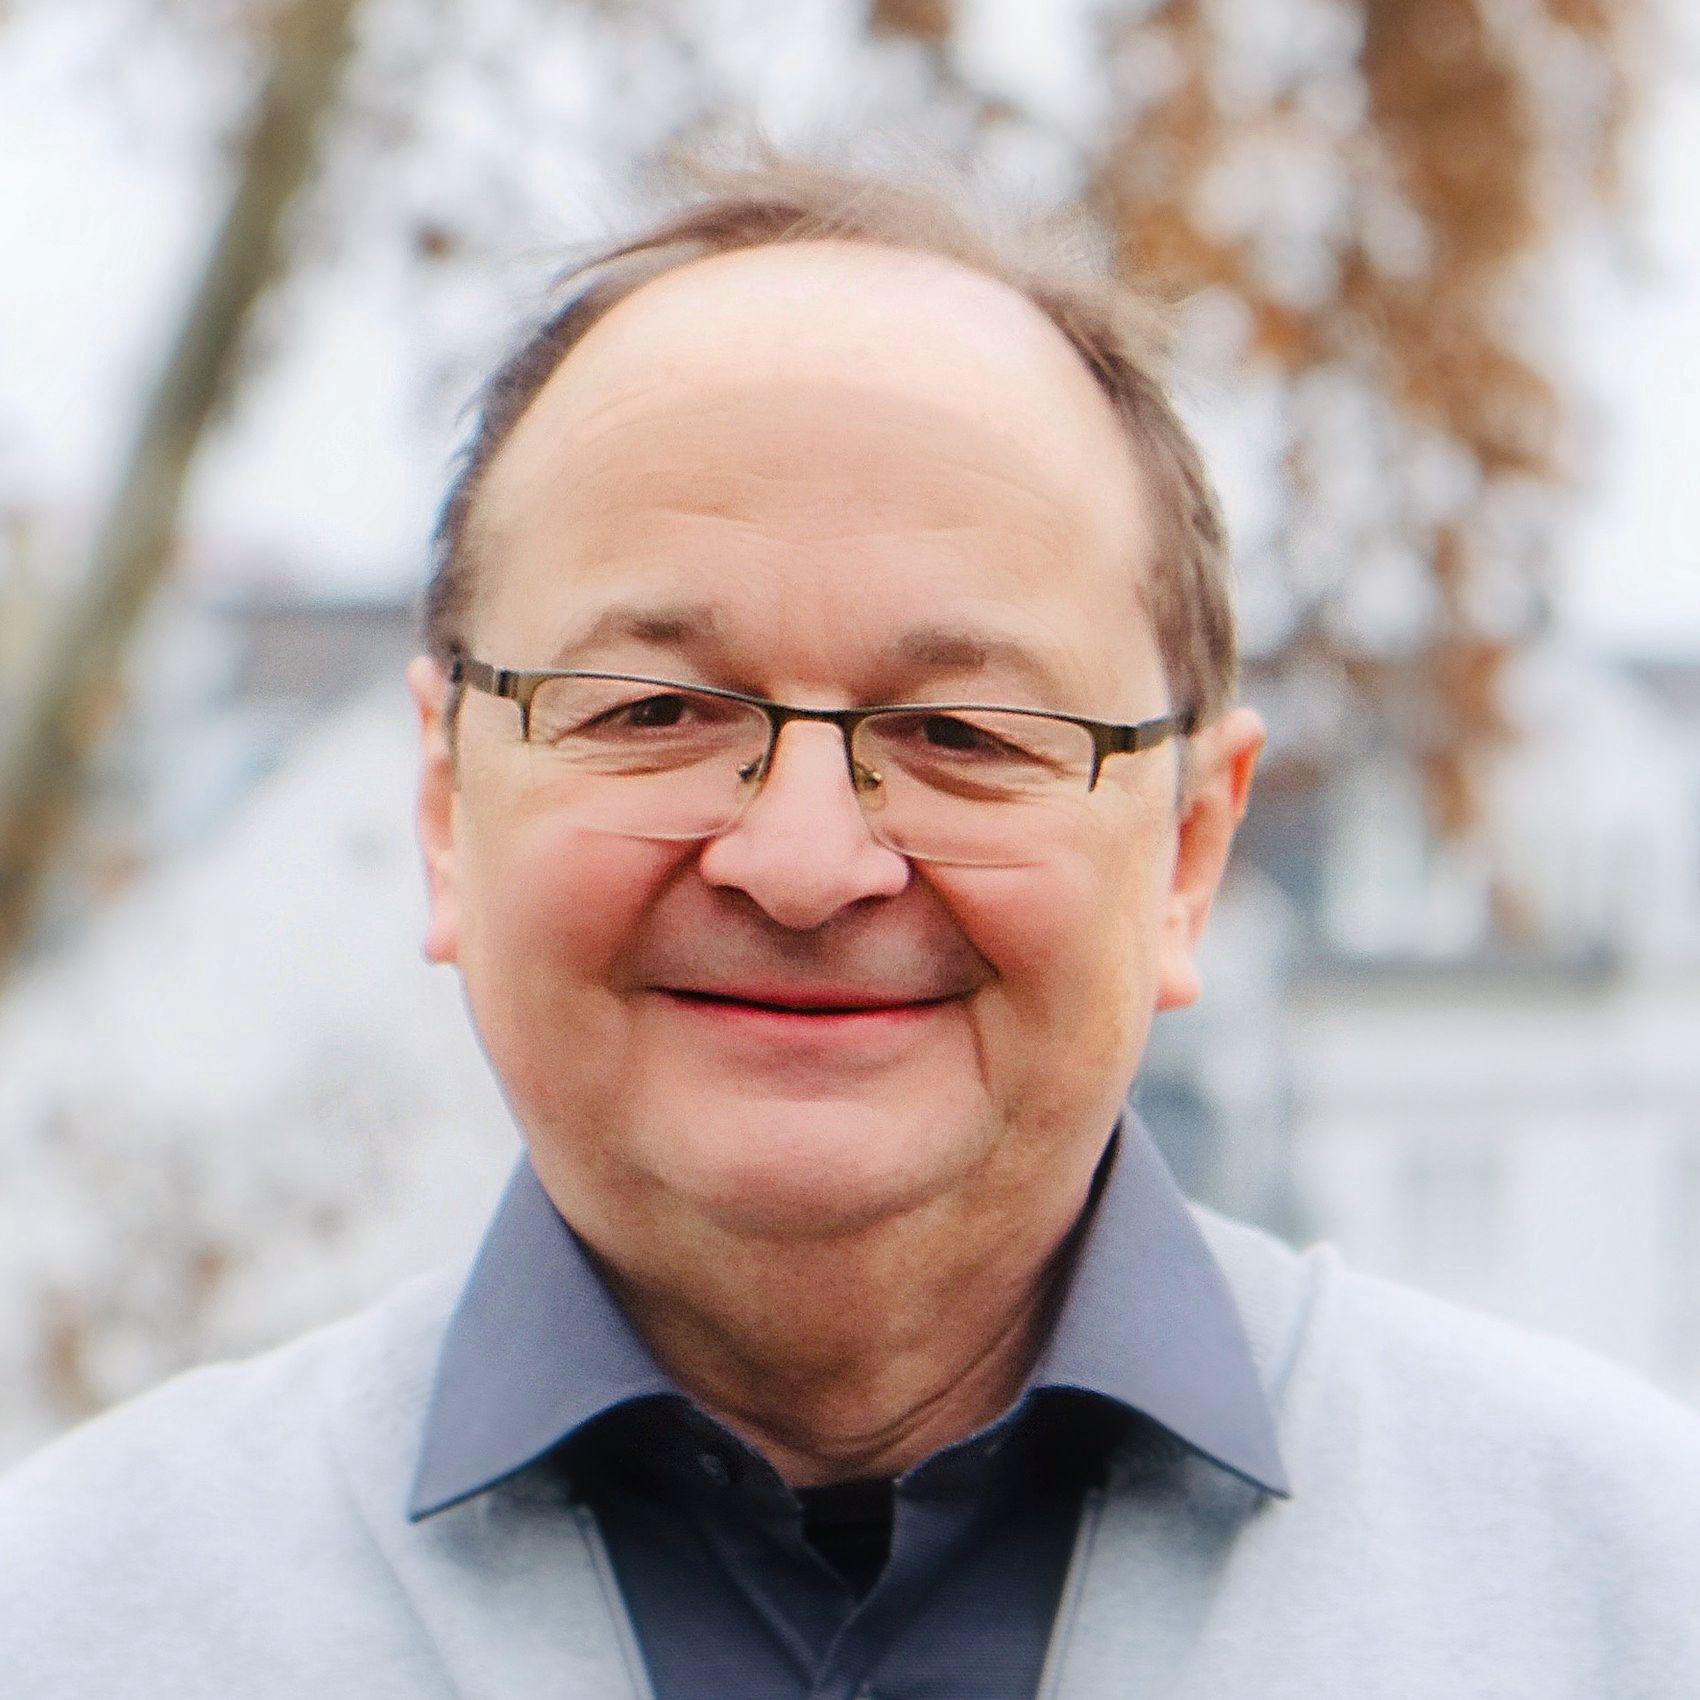 Auf dem Bild ist Bodo Noeske zu sehen, ein Versicherungsmakler aus Mainz